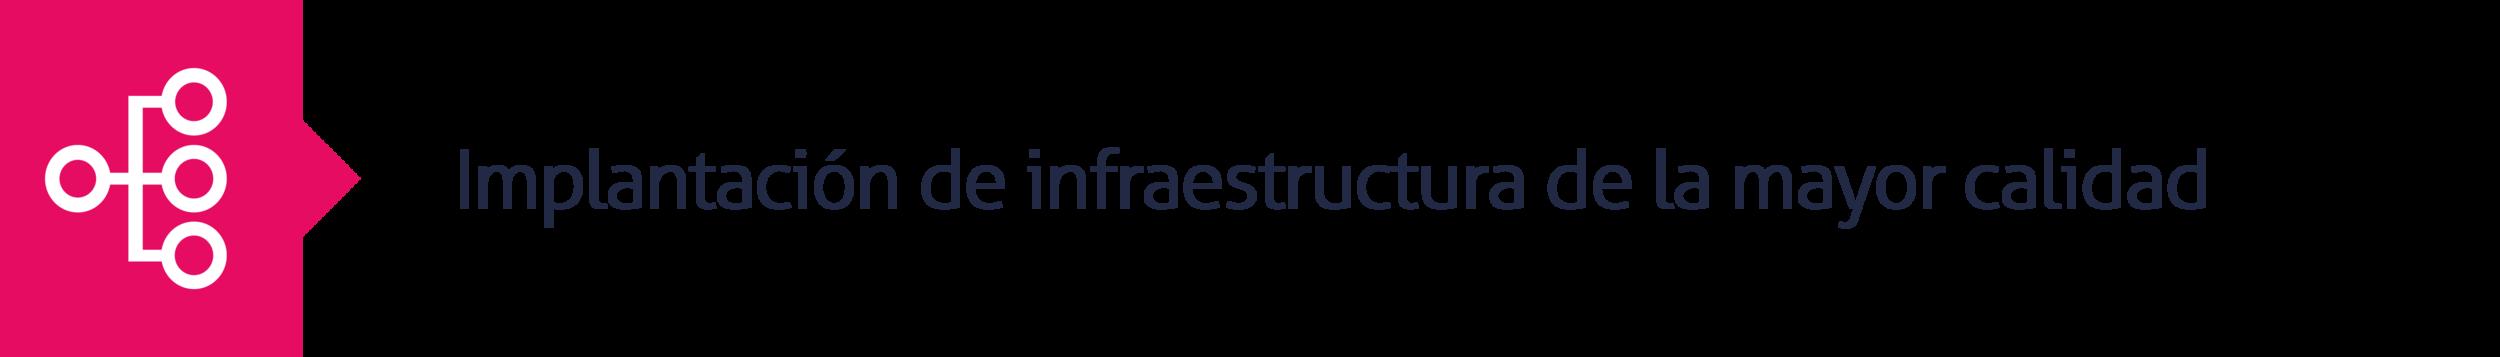 4.Implantación de infraestructura de la mayor calidad